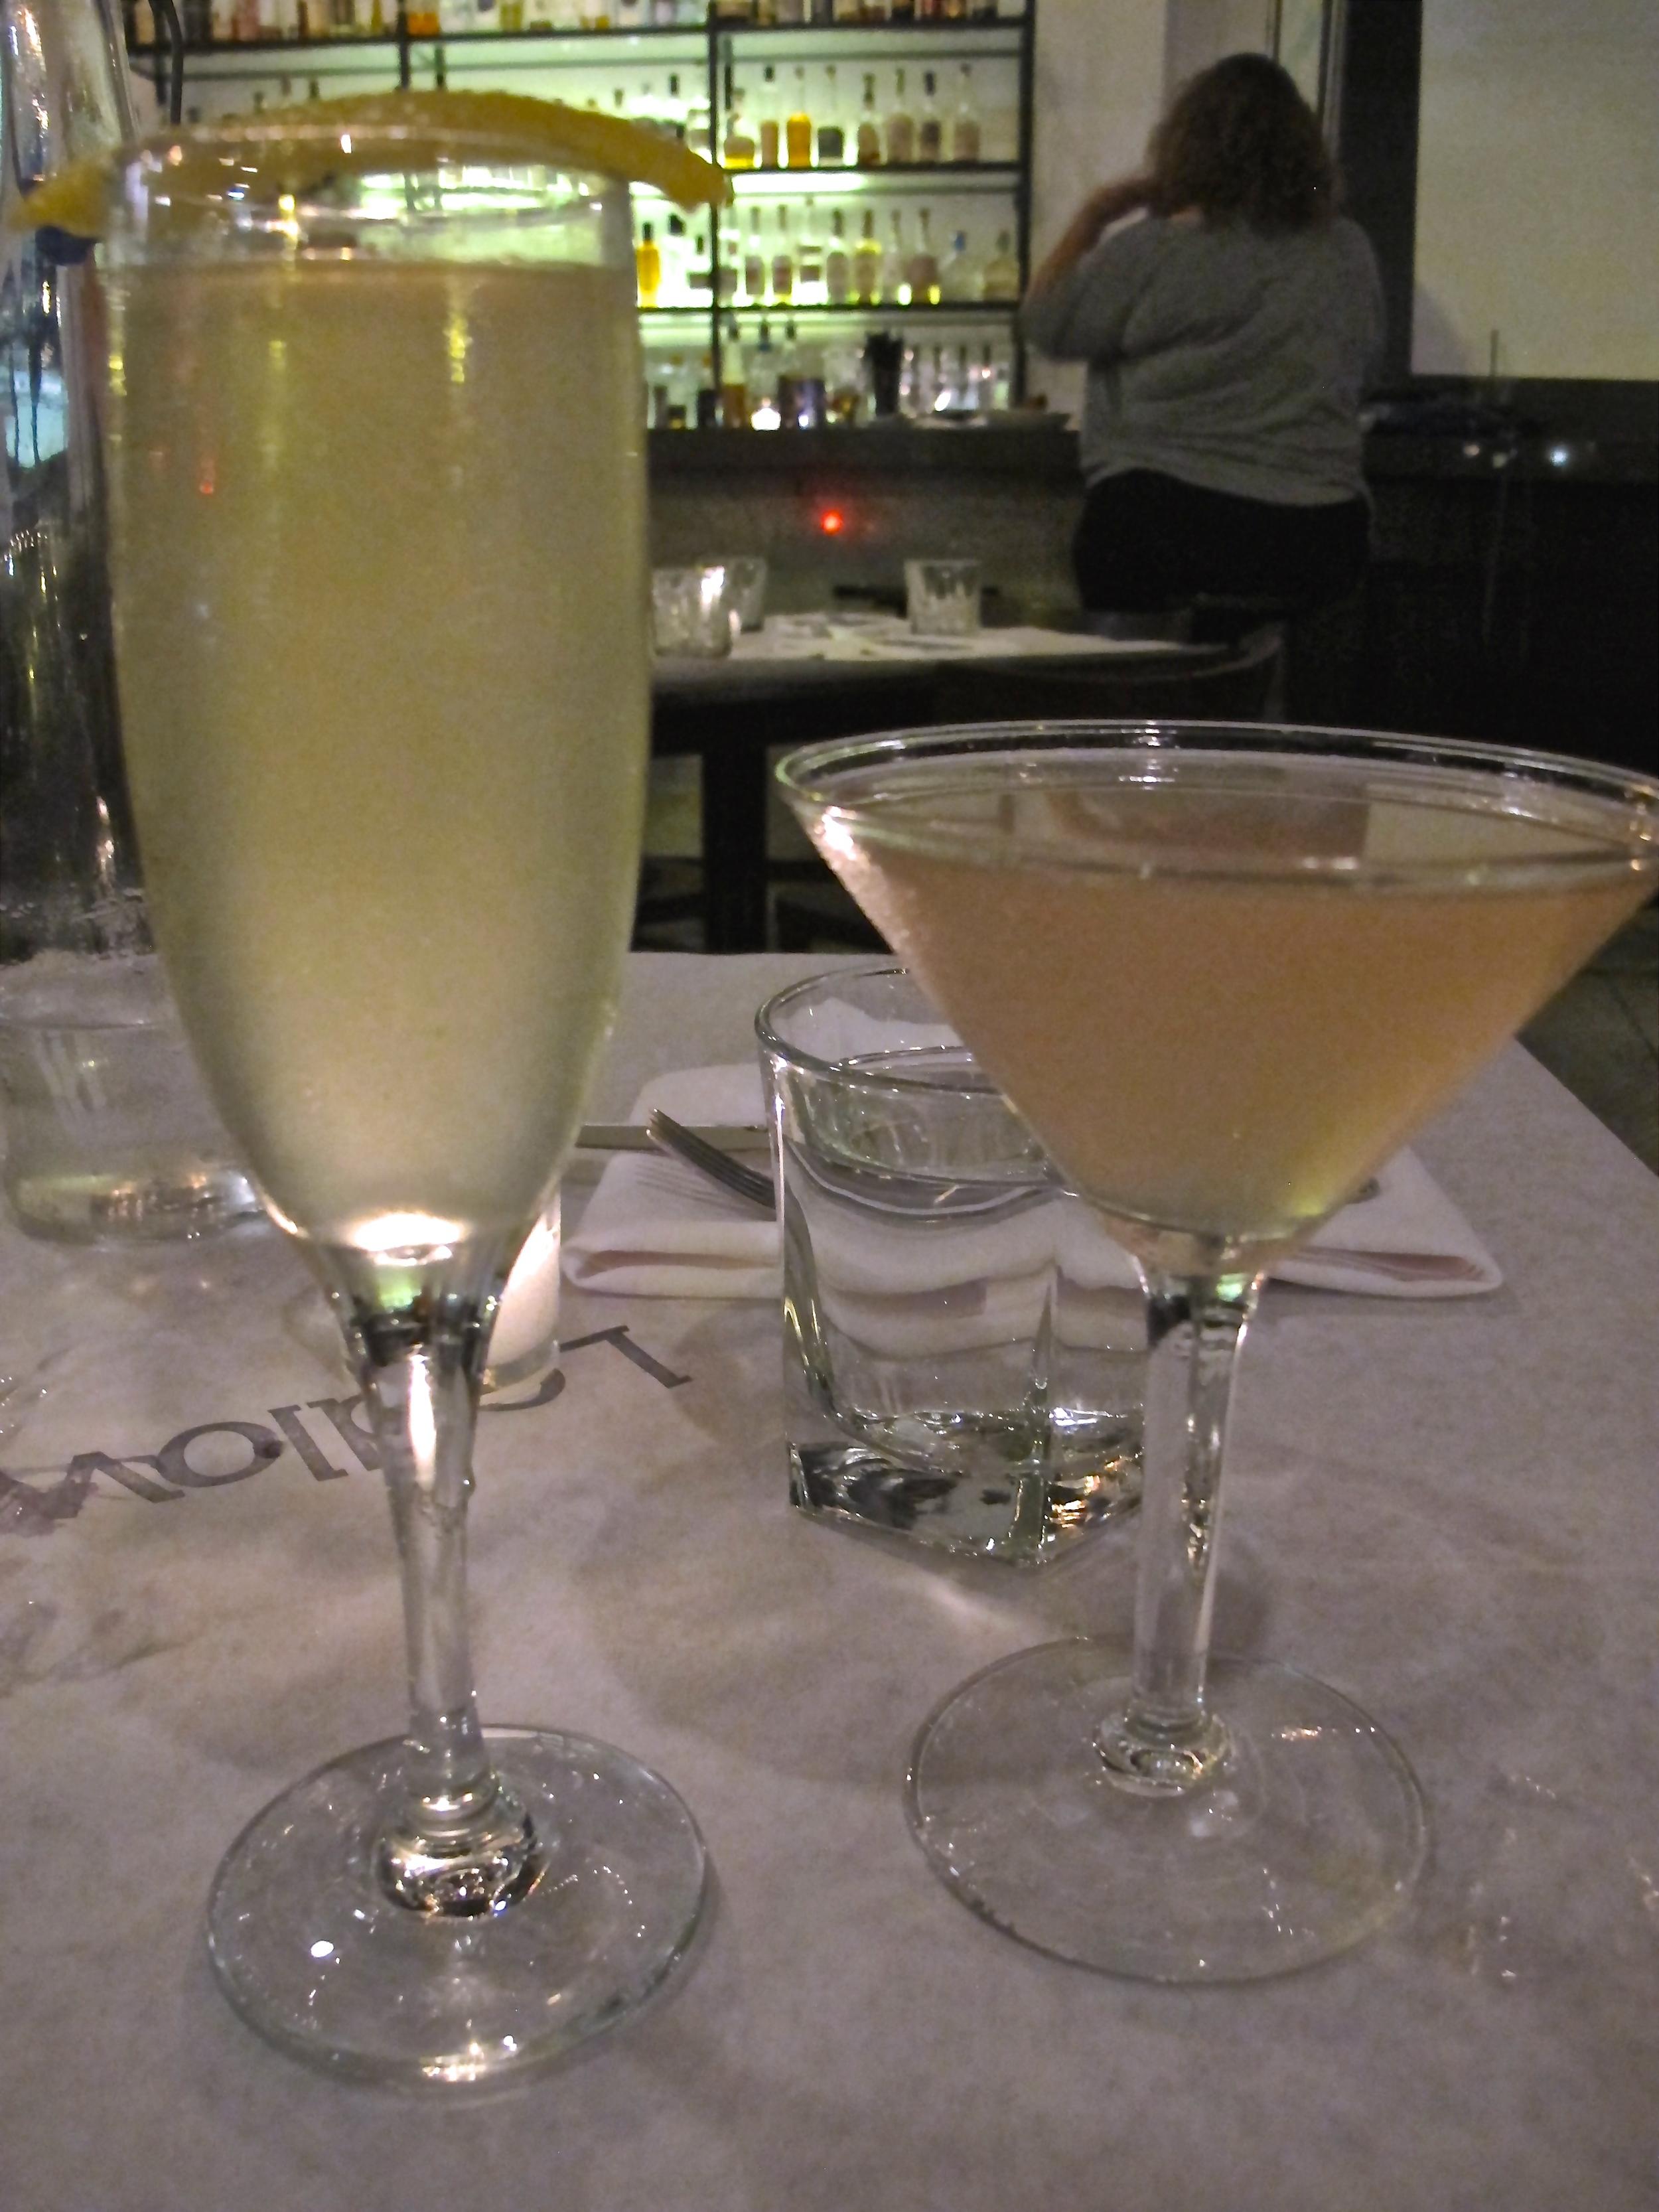 Ledlow cocktails